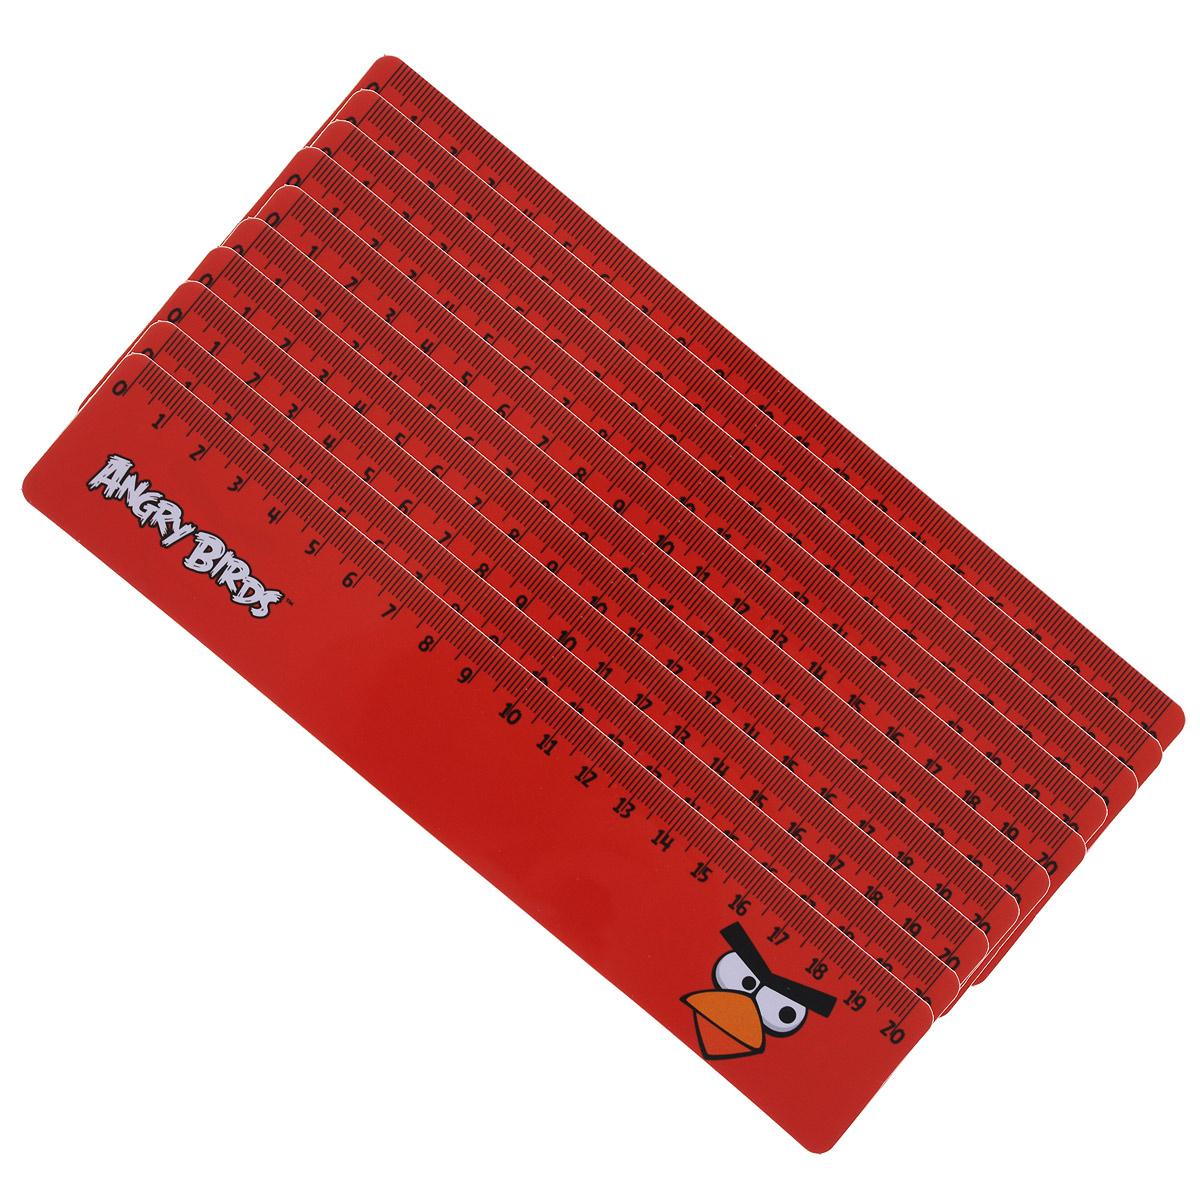 Линейка Centrum Angry Birds, 20 см, 10 шт72523WDДвухсторонняя линейка Centrum Angry Birds обязательно придется по вкусу любому поклоннику знаменитой игры Angry Birds. Она выполнена из прочного пластика красного цвета и оформлена изображением красной сердитой птички. Линейка имеет сантиметровую шкалу до 20 см. Цифры нанесены крупным шрифтом и не вызывают затруднений при чтении. В комплект входят 10 линеек.Линейка - это незаменимый атрибут, необходимый каждому школьнику или студенту, упрощающий измерение и обеспечивающий ровность проводимых линий. А с линейкой Angry birds учиться будет интересно и весело!